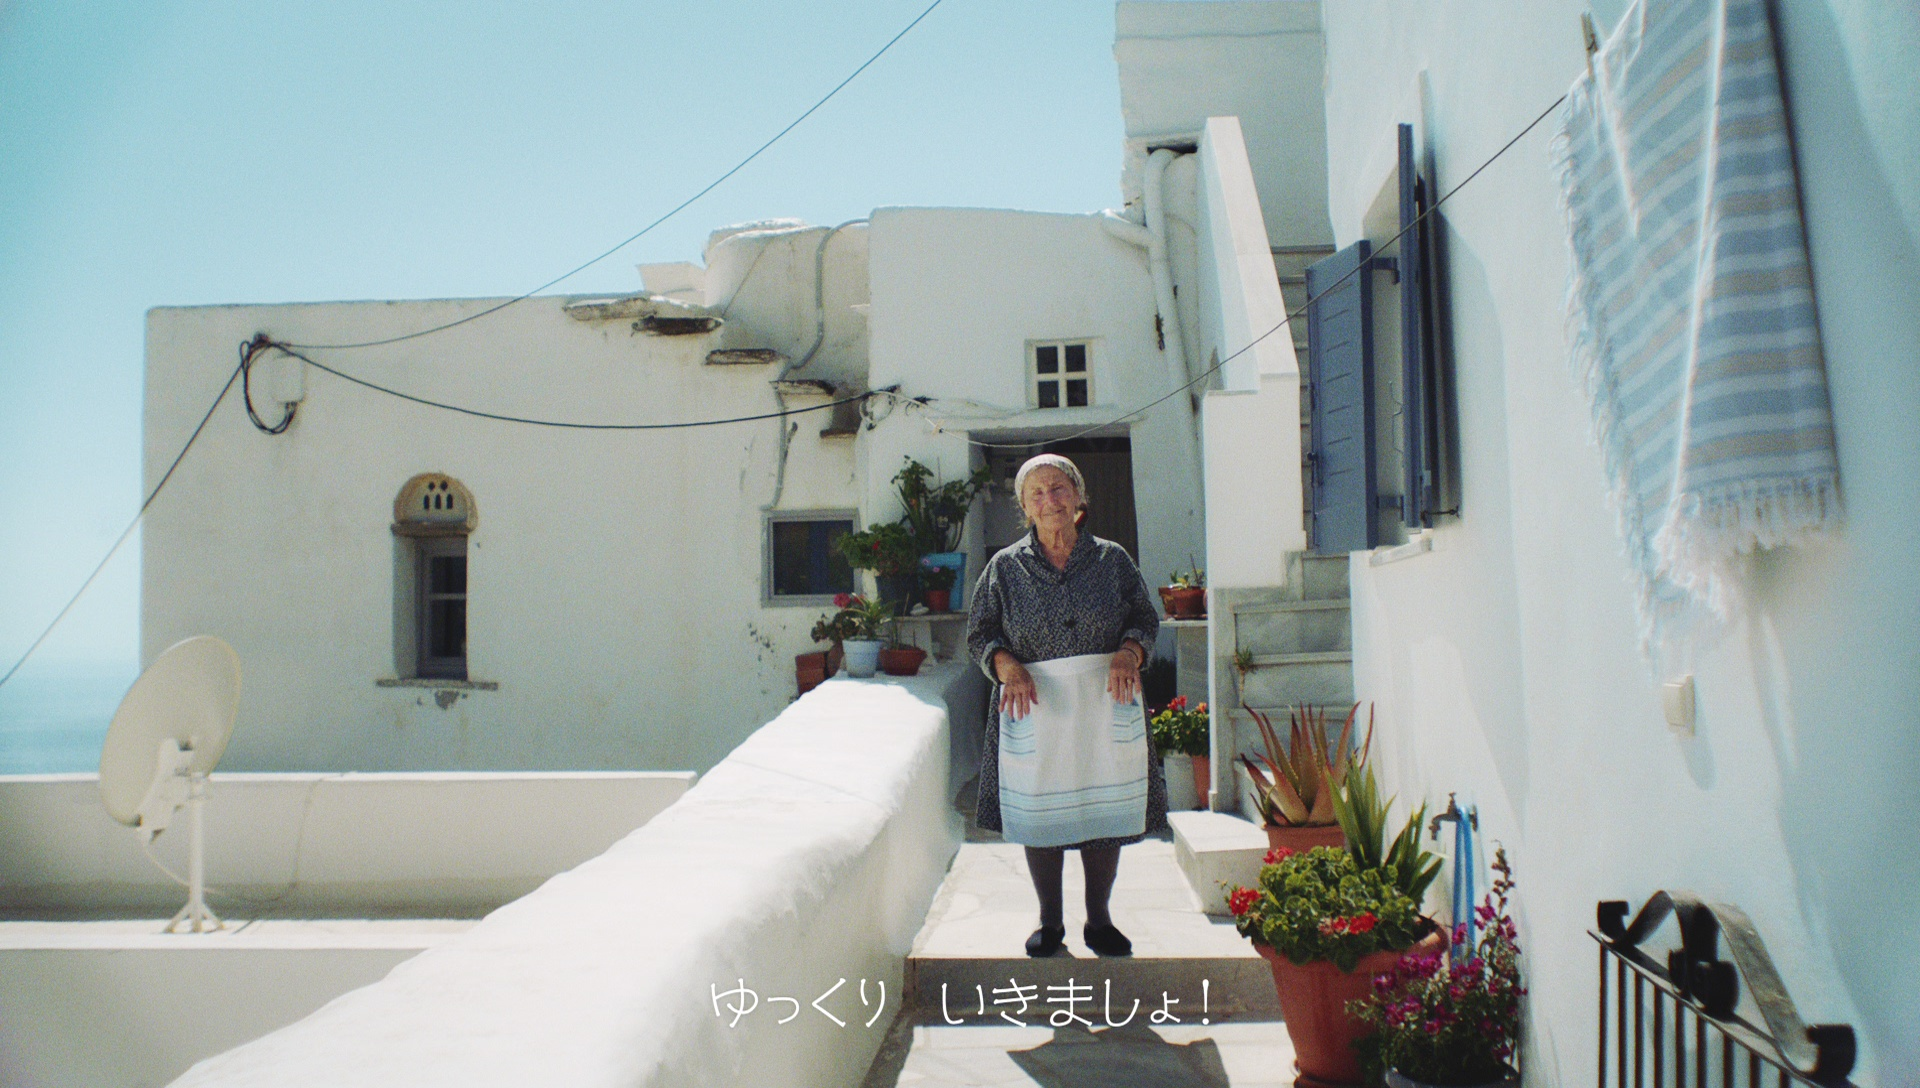 森永乳業   パルテノ「ギリシャのしずく」篇